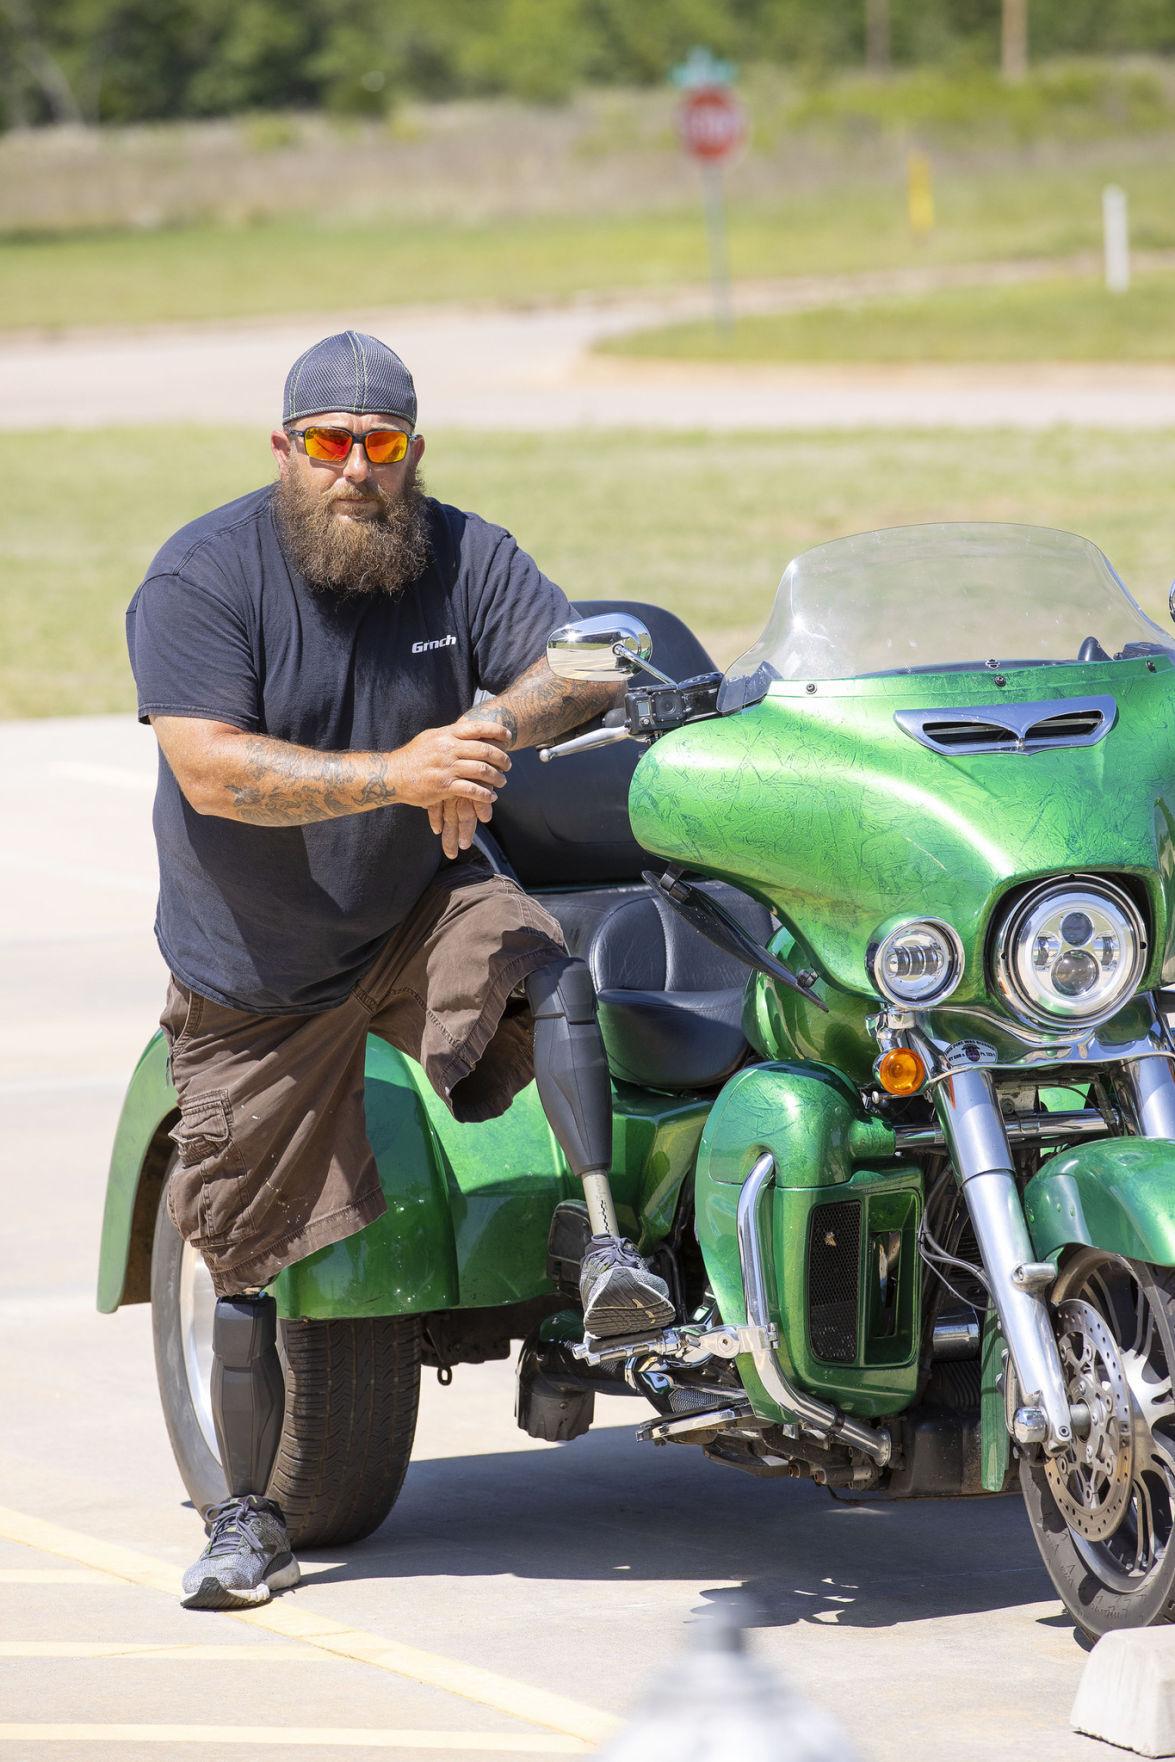 Edwards on Harley